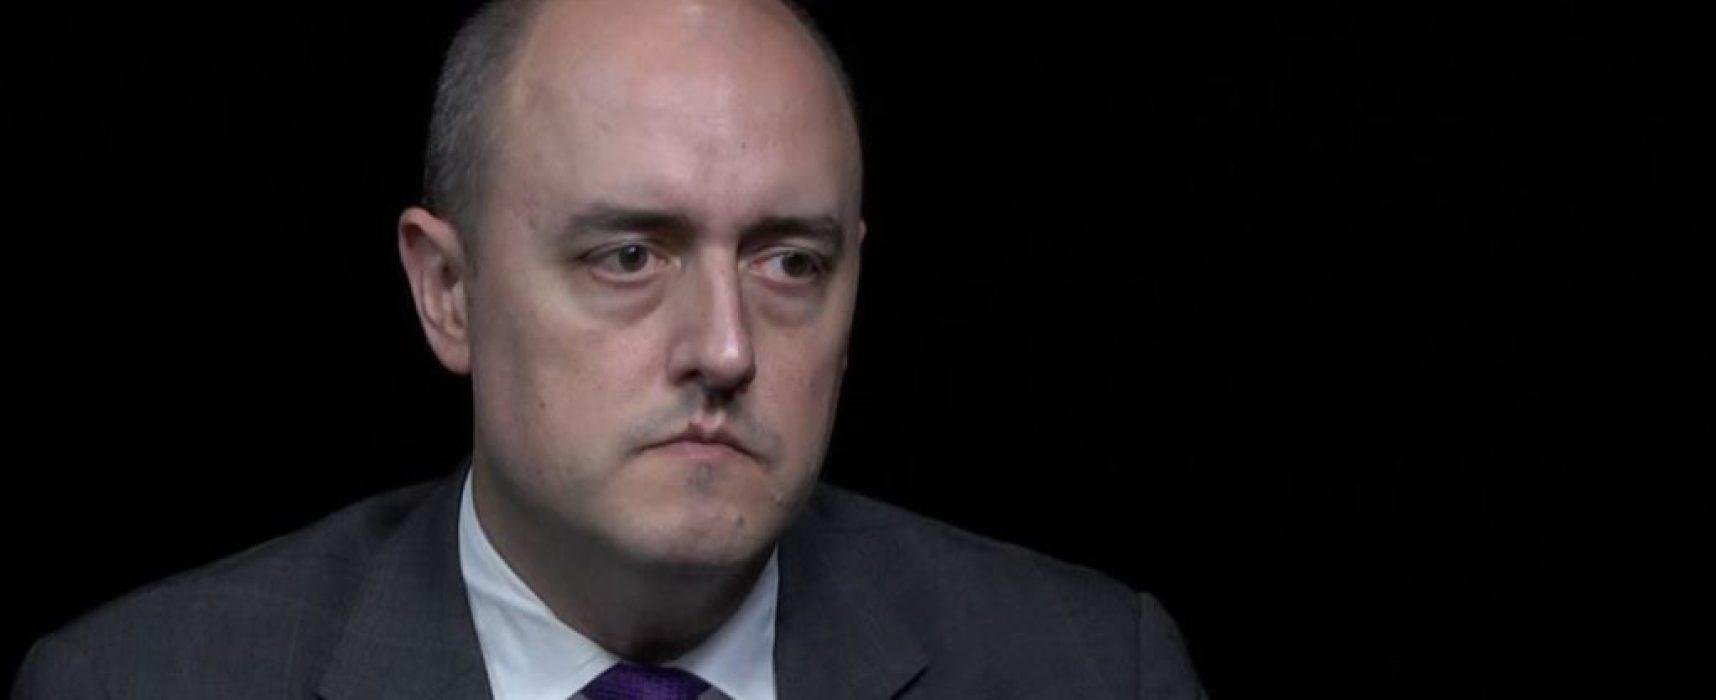 RFE/RL: російська влада звільняє автора Крым.Реалии Семену, але продовжує блокувати інформацію про регіон